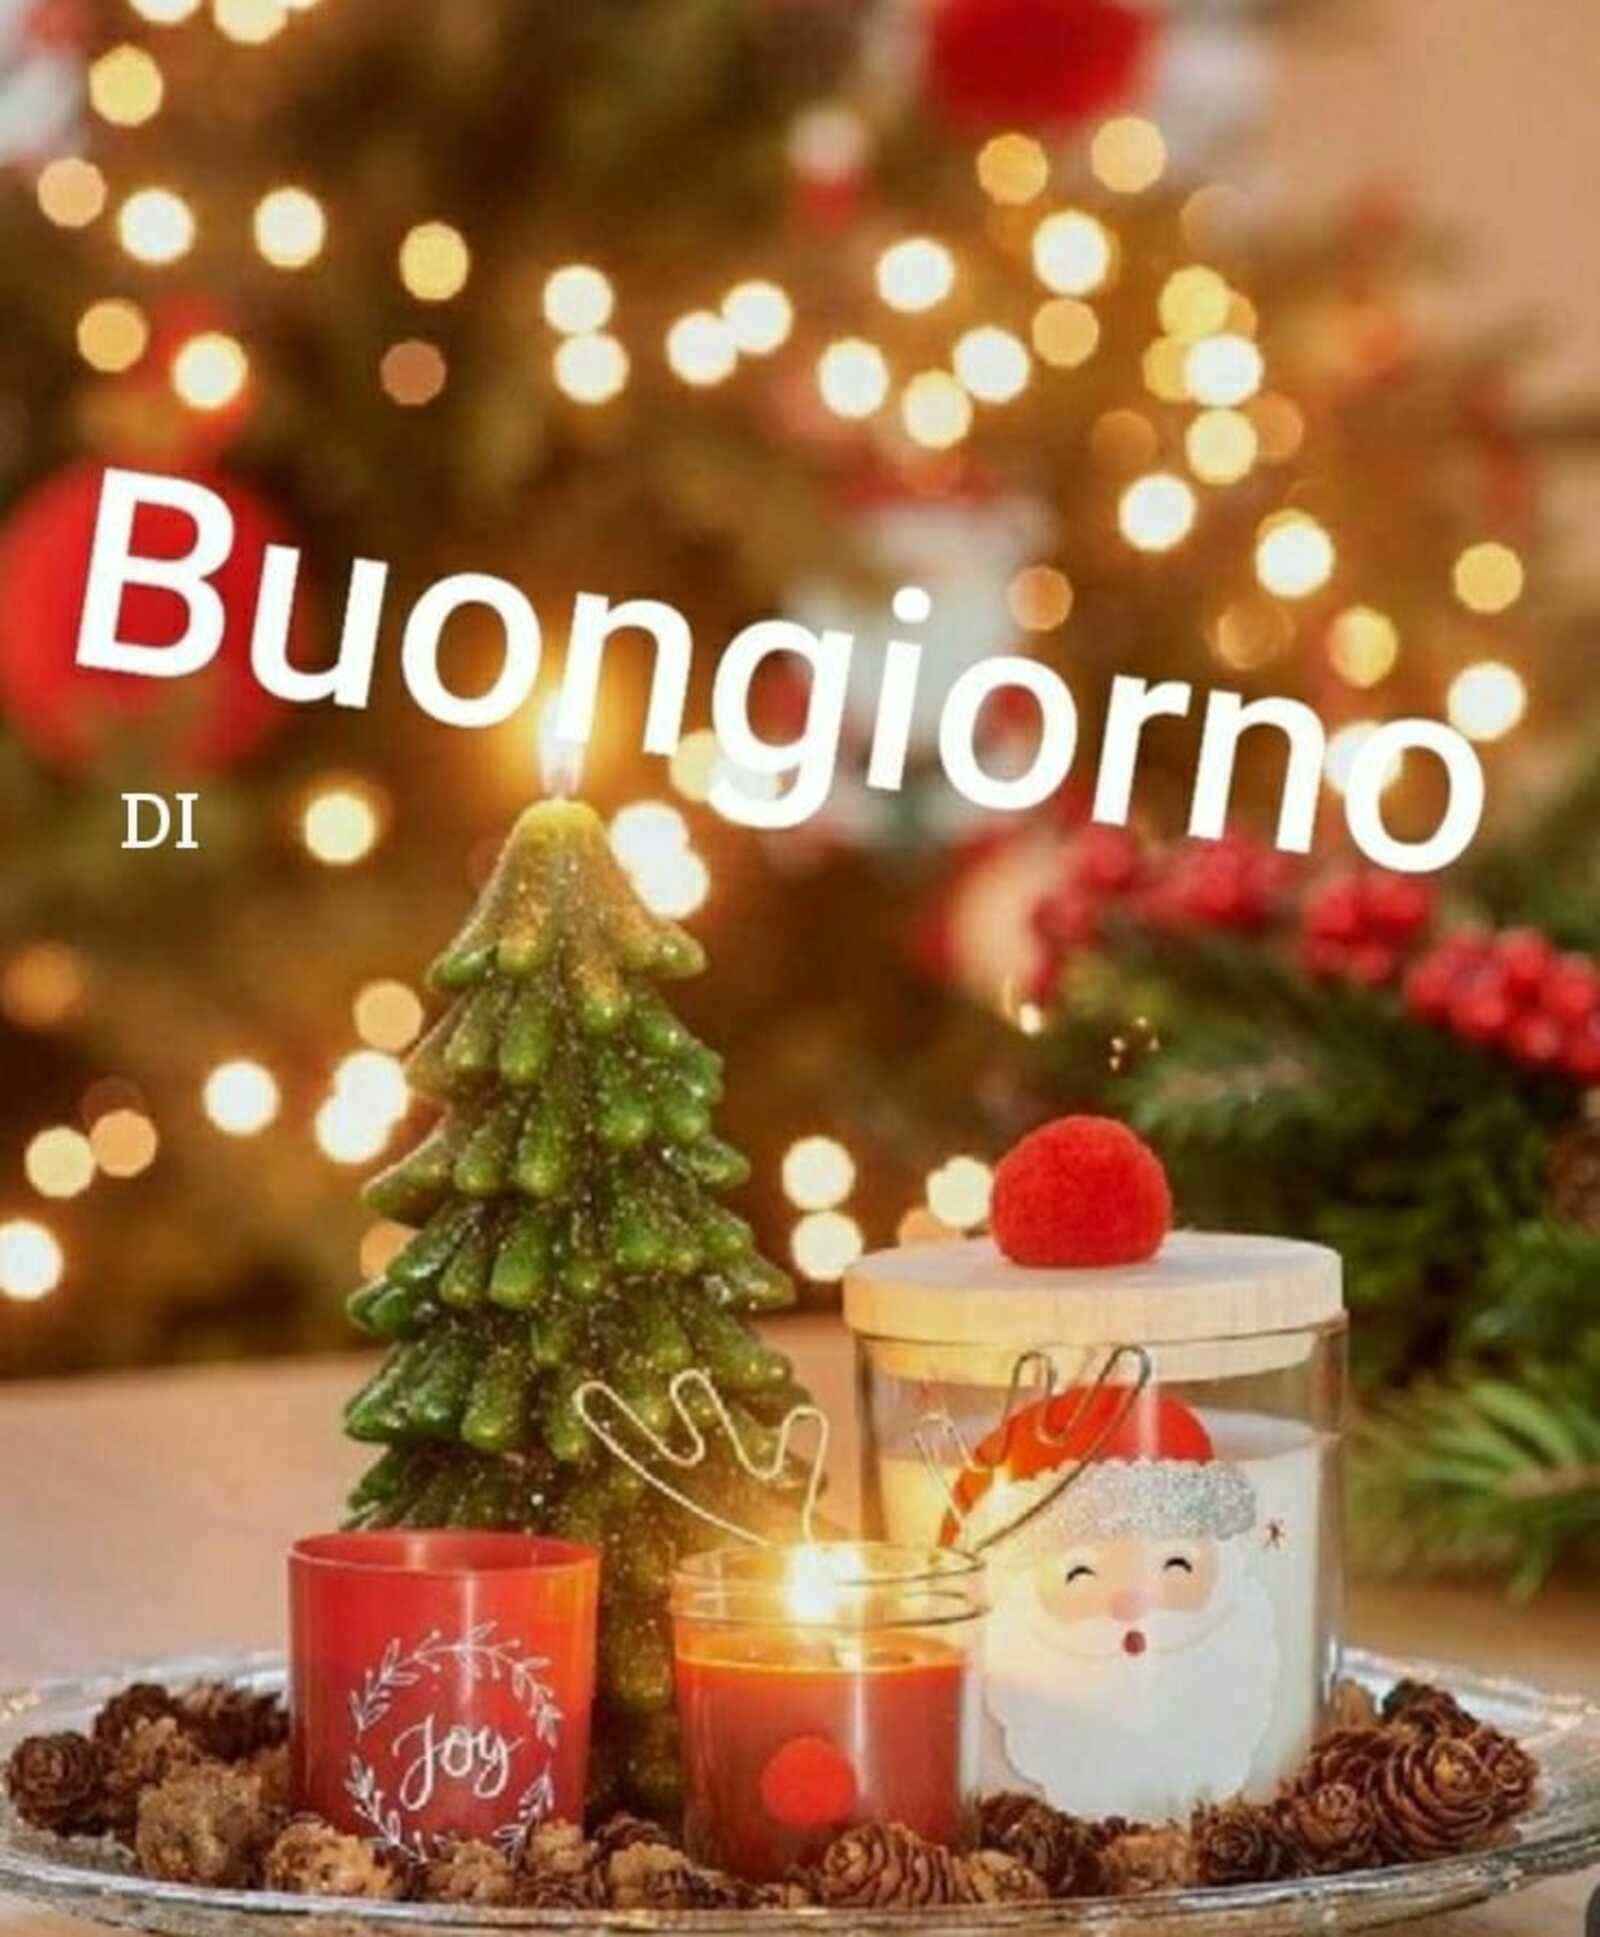 Buon giorno a tema festività natalizie